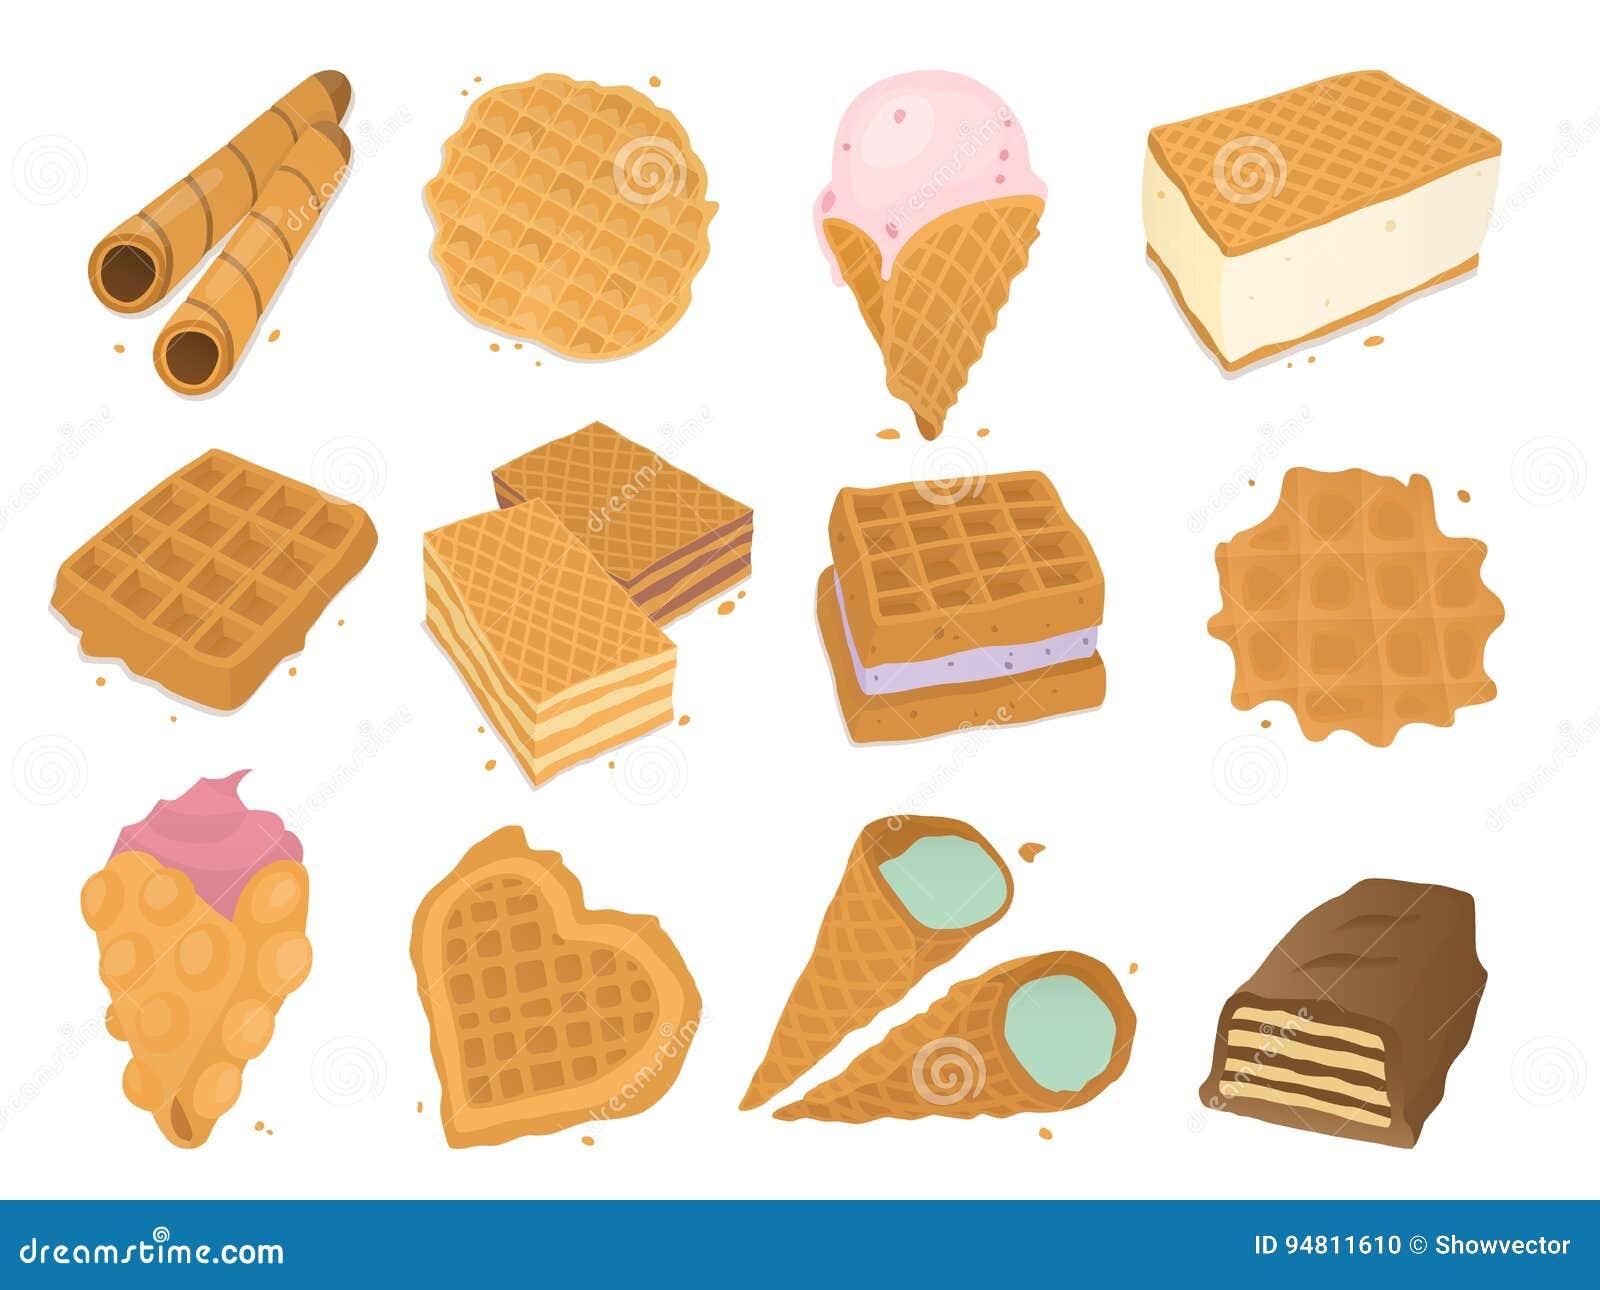 不同的薄酥饼曲奇饼胡扯蛋糕酥皮点心曲奇饼饼干可口快餐奶油色点心酥脆面包店食物传染媒介